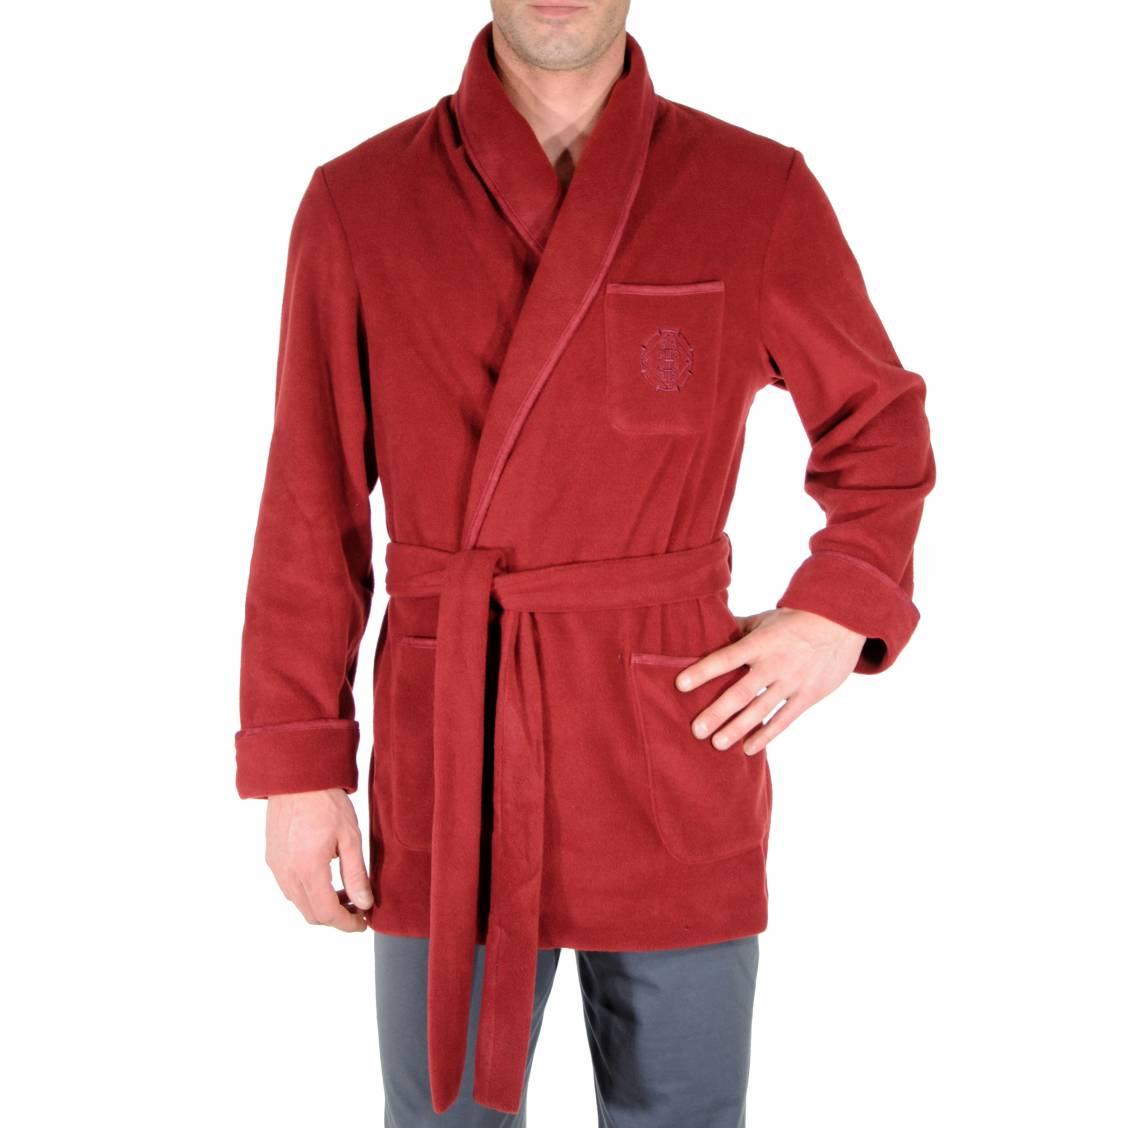 veste d 39 interieur baikal christian cane en polaire rouge fonc rue des hommes. Black Bedroom Furniture Sets. Home Design Ideas